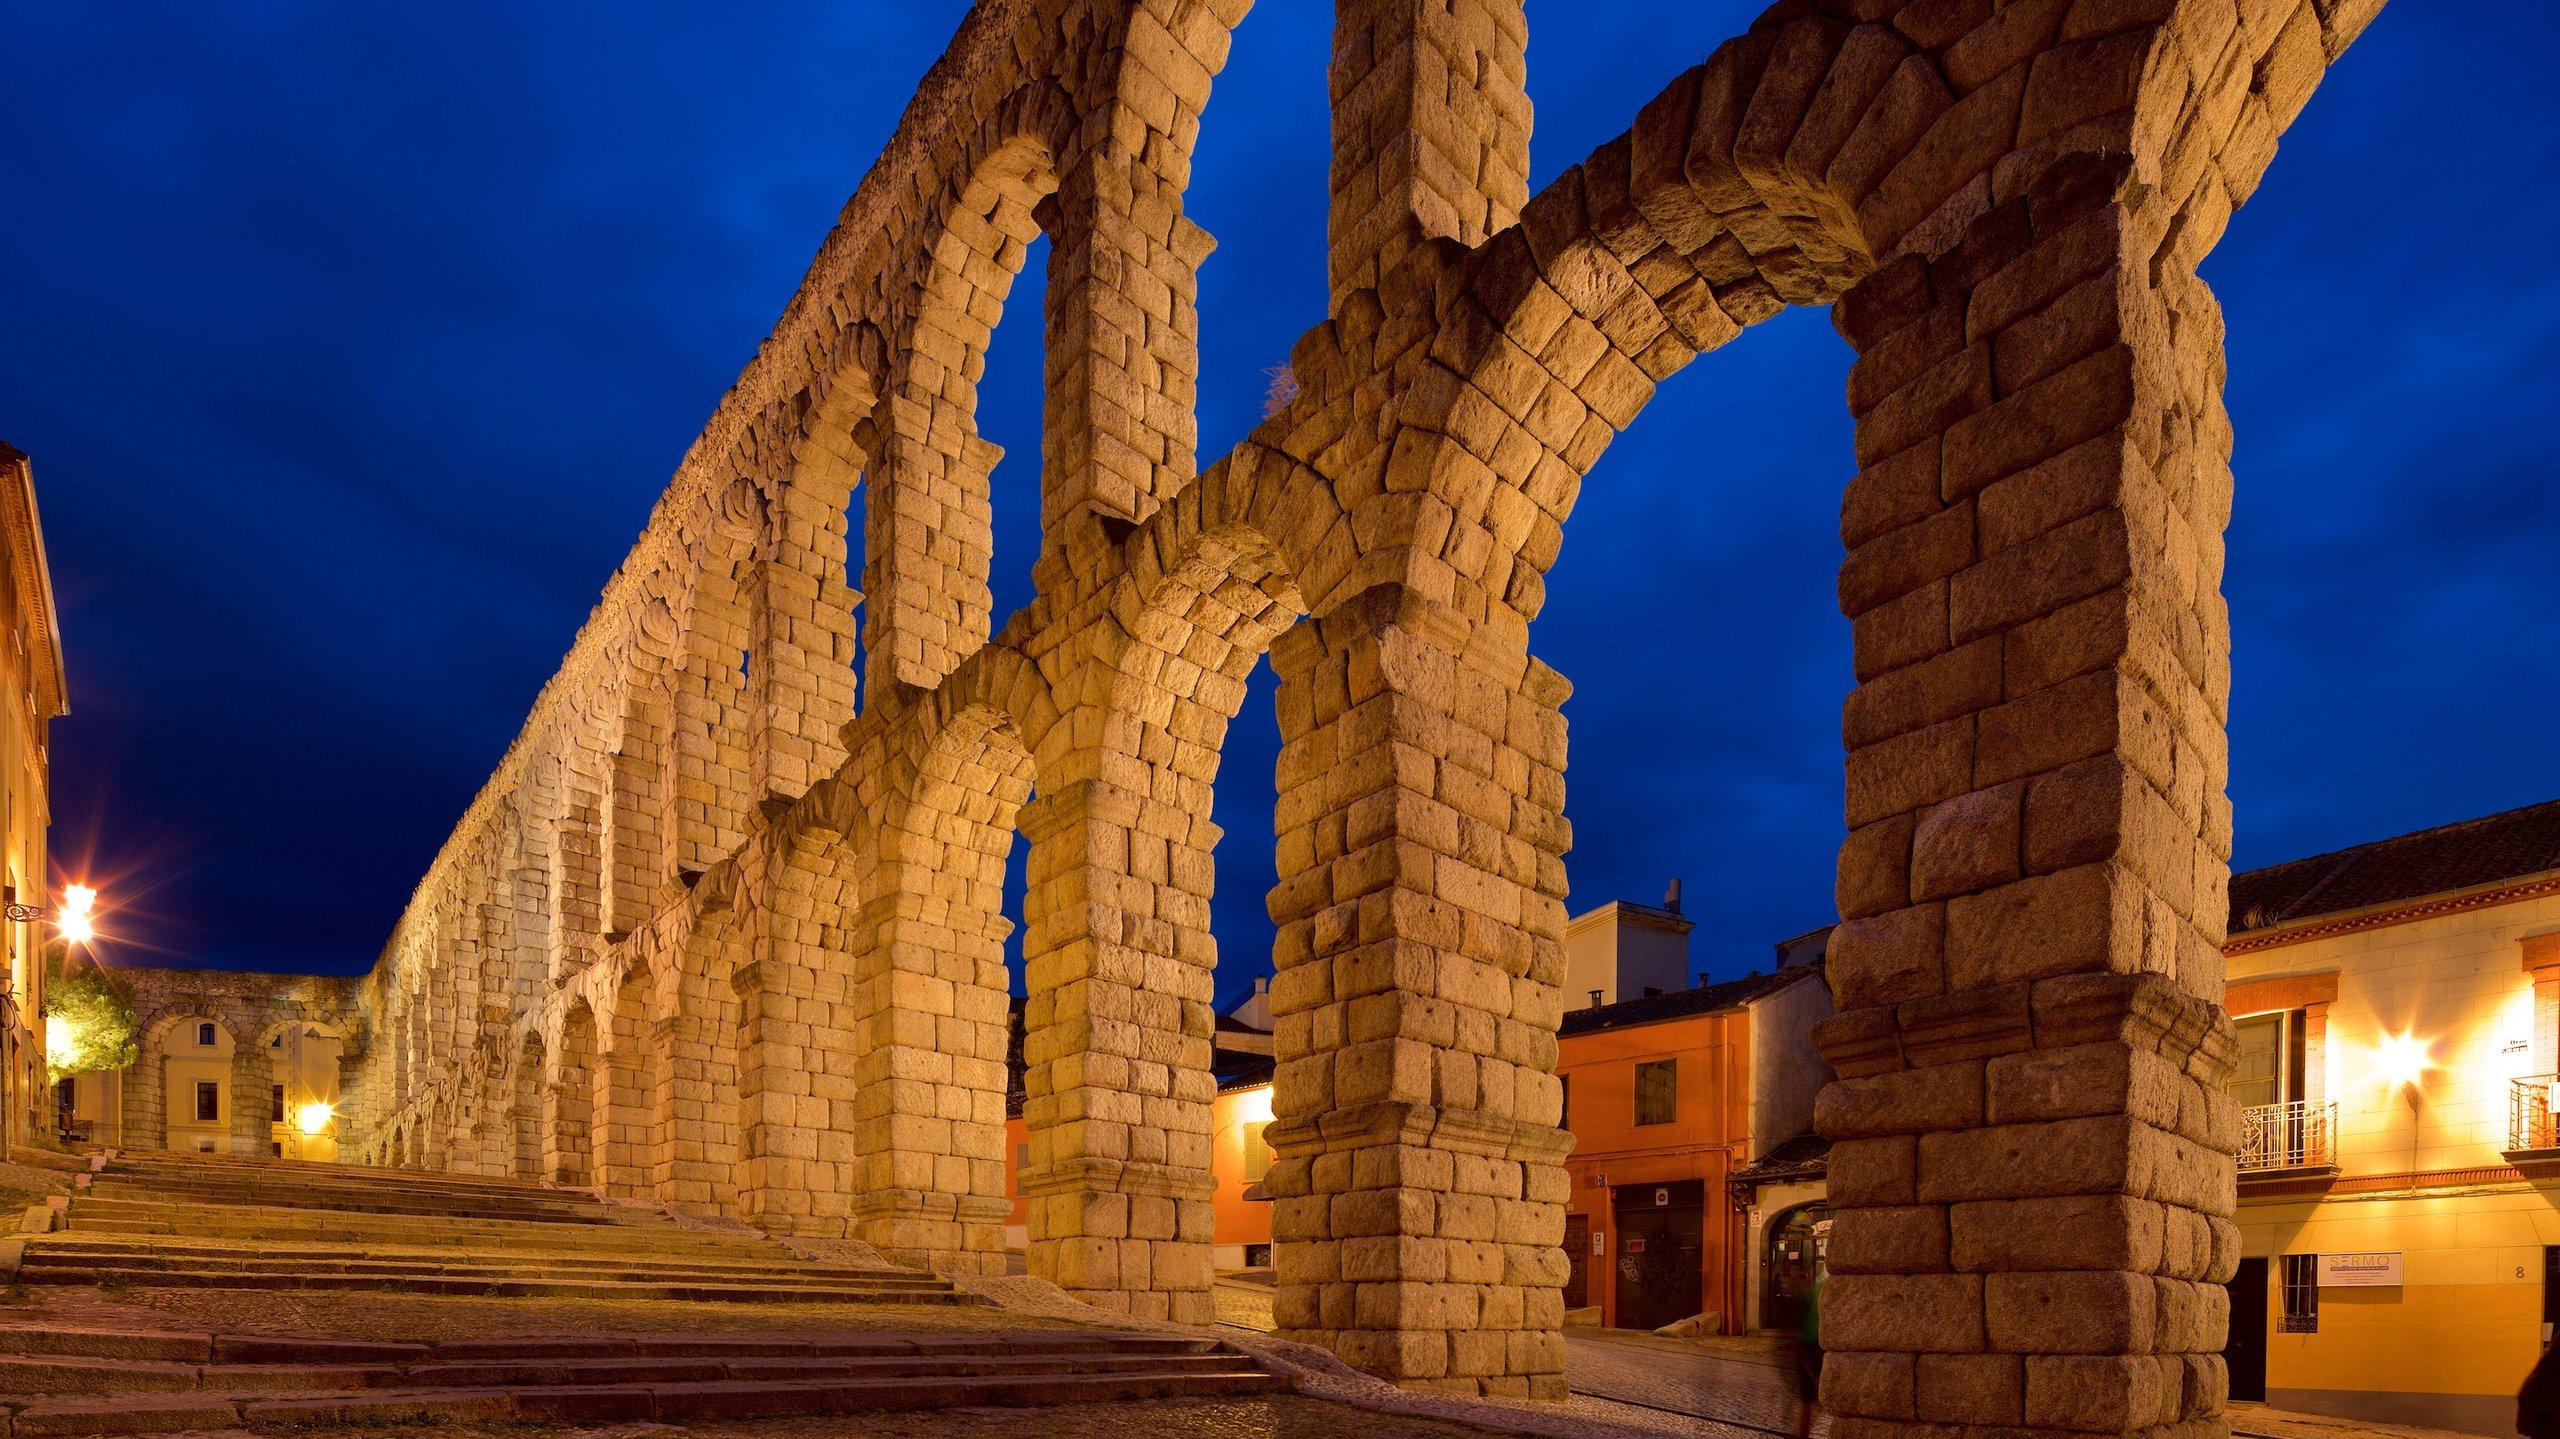 Lasciatevi ammaliare dall'eccezionale storia degli Antichi Romani mentre passeggiate per la mastodontica struttura che da 2000 anni domina dall'alto la Città Vecchia di Segovia.